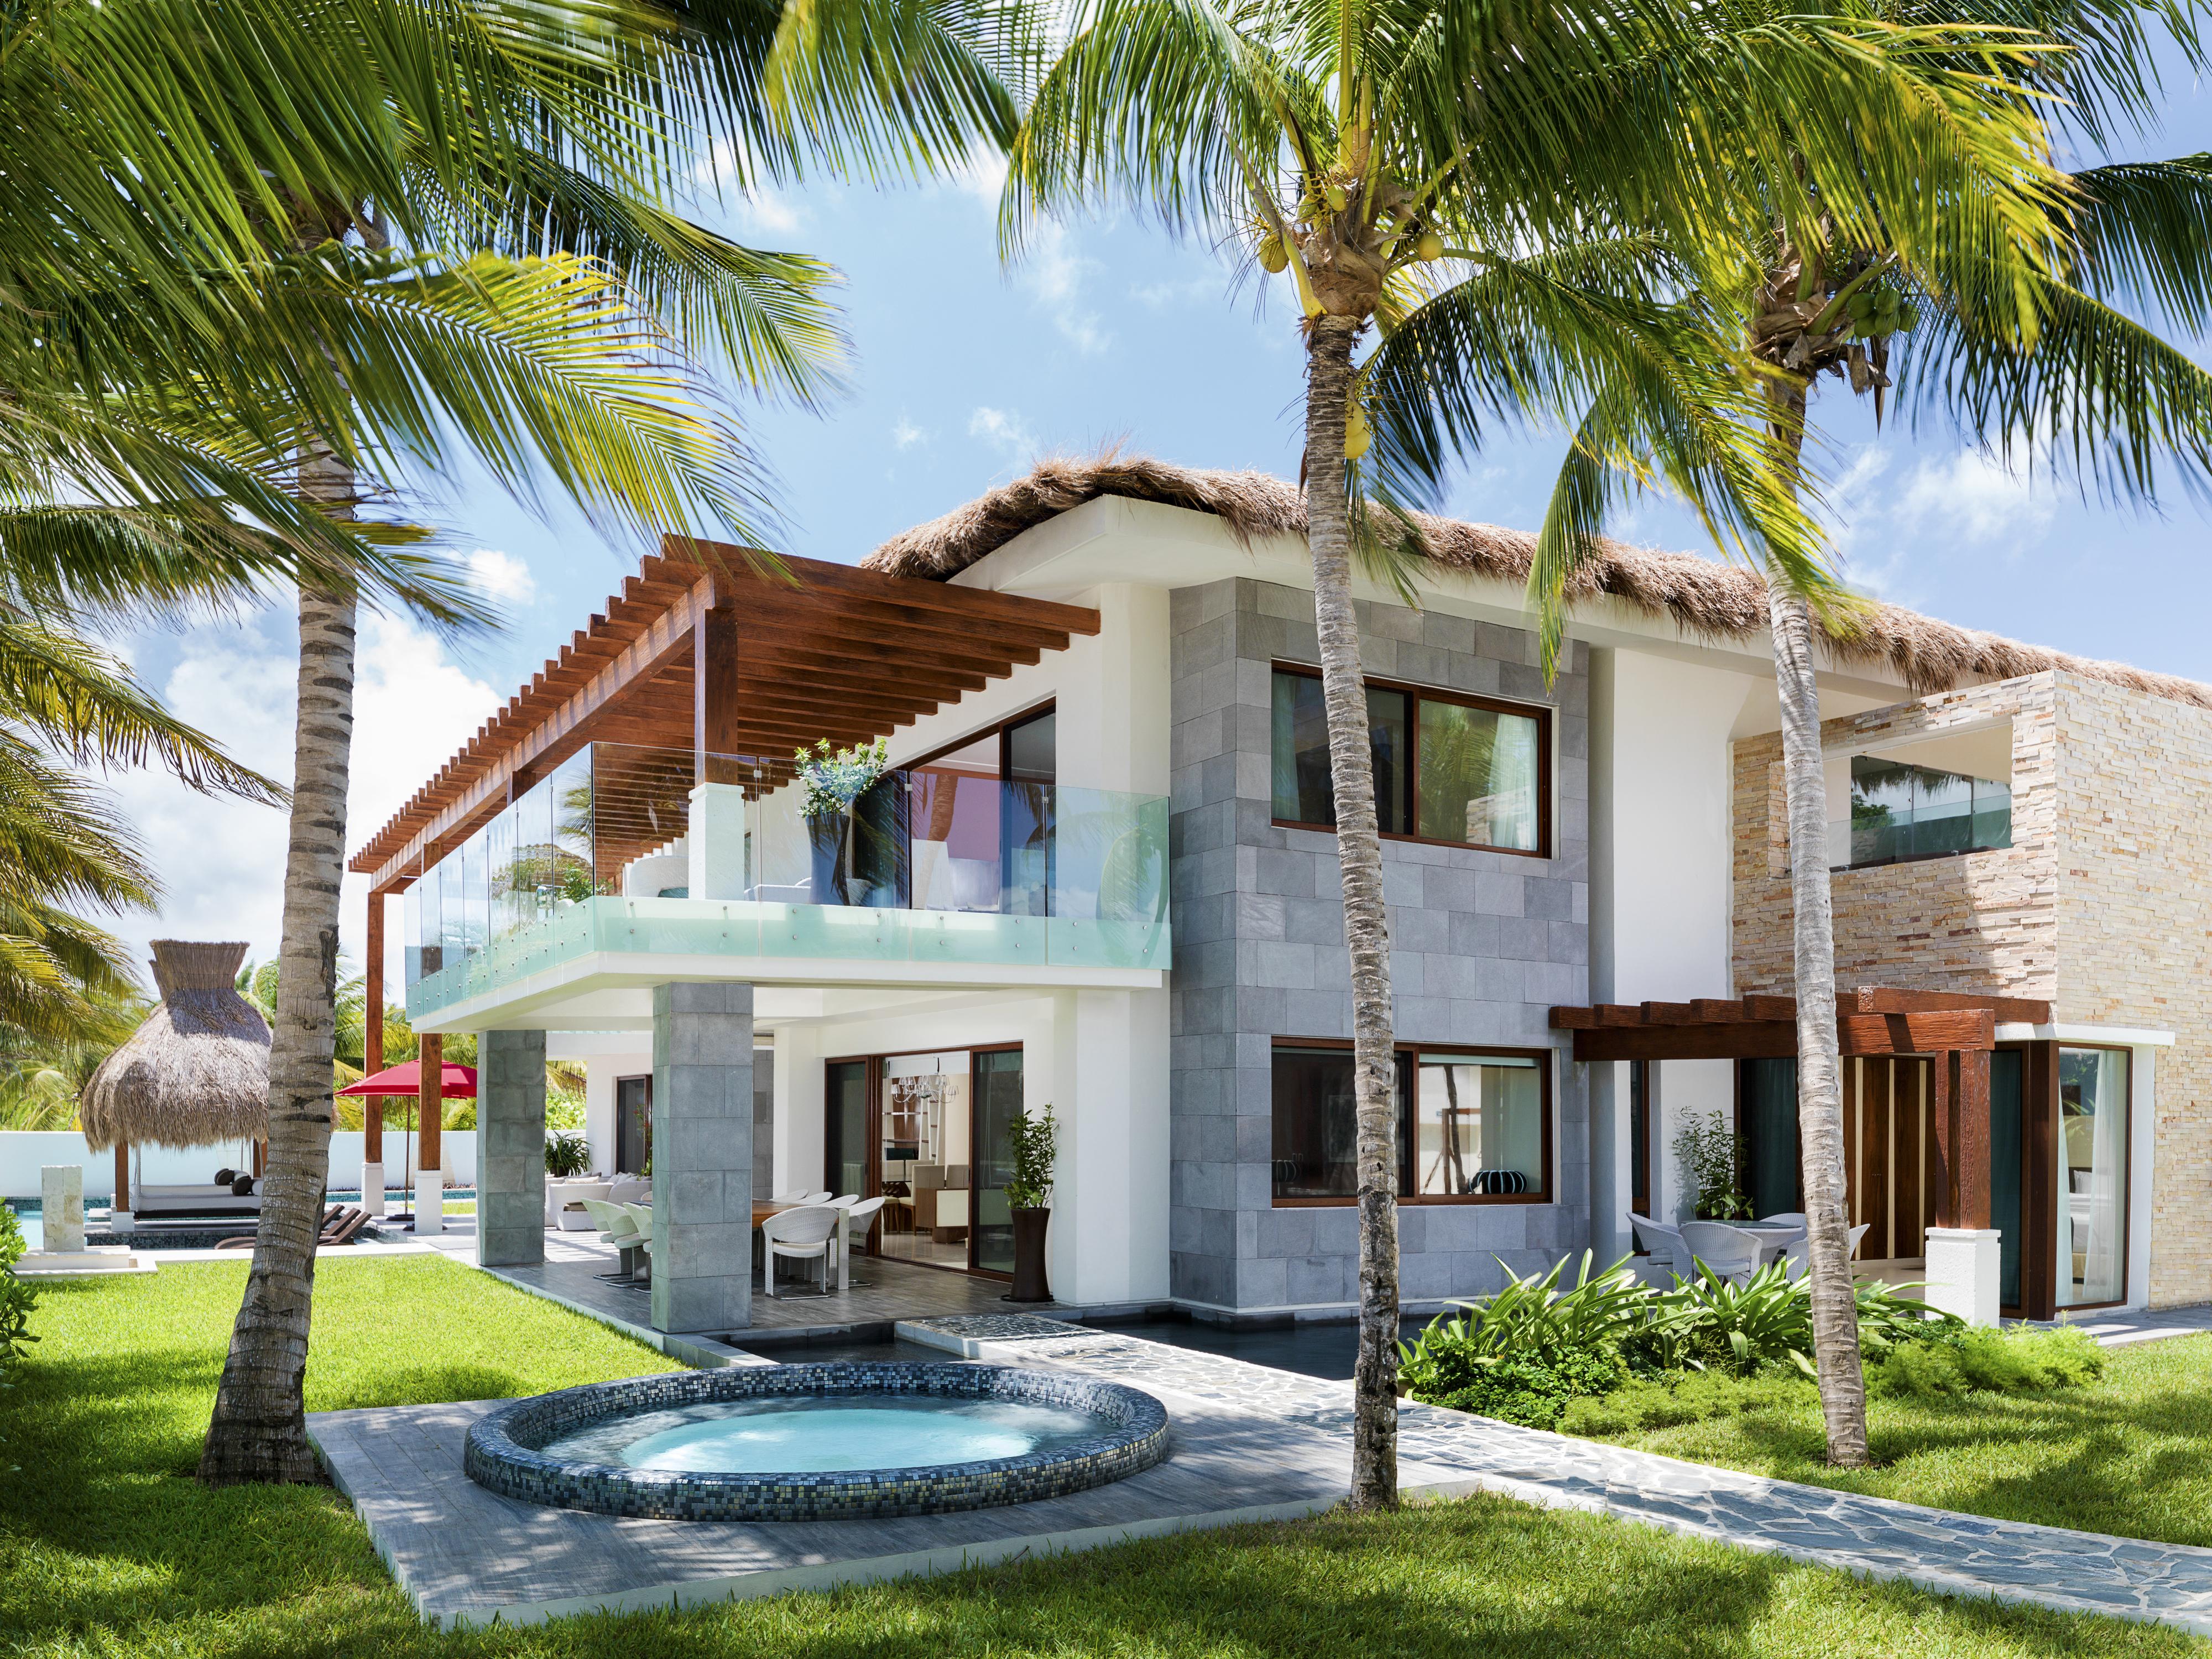 Photo of the Azul Villa Esmeralda